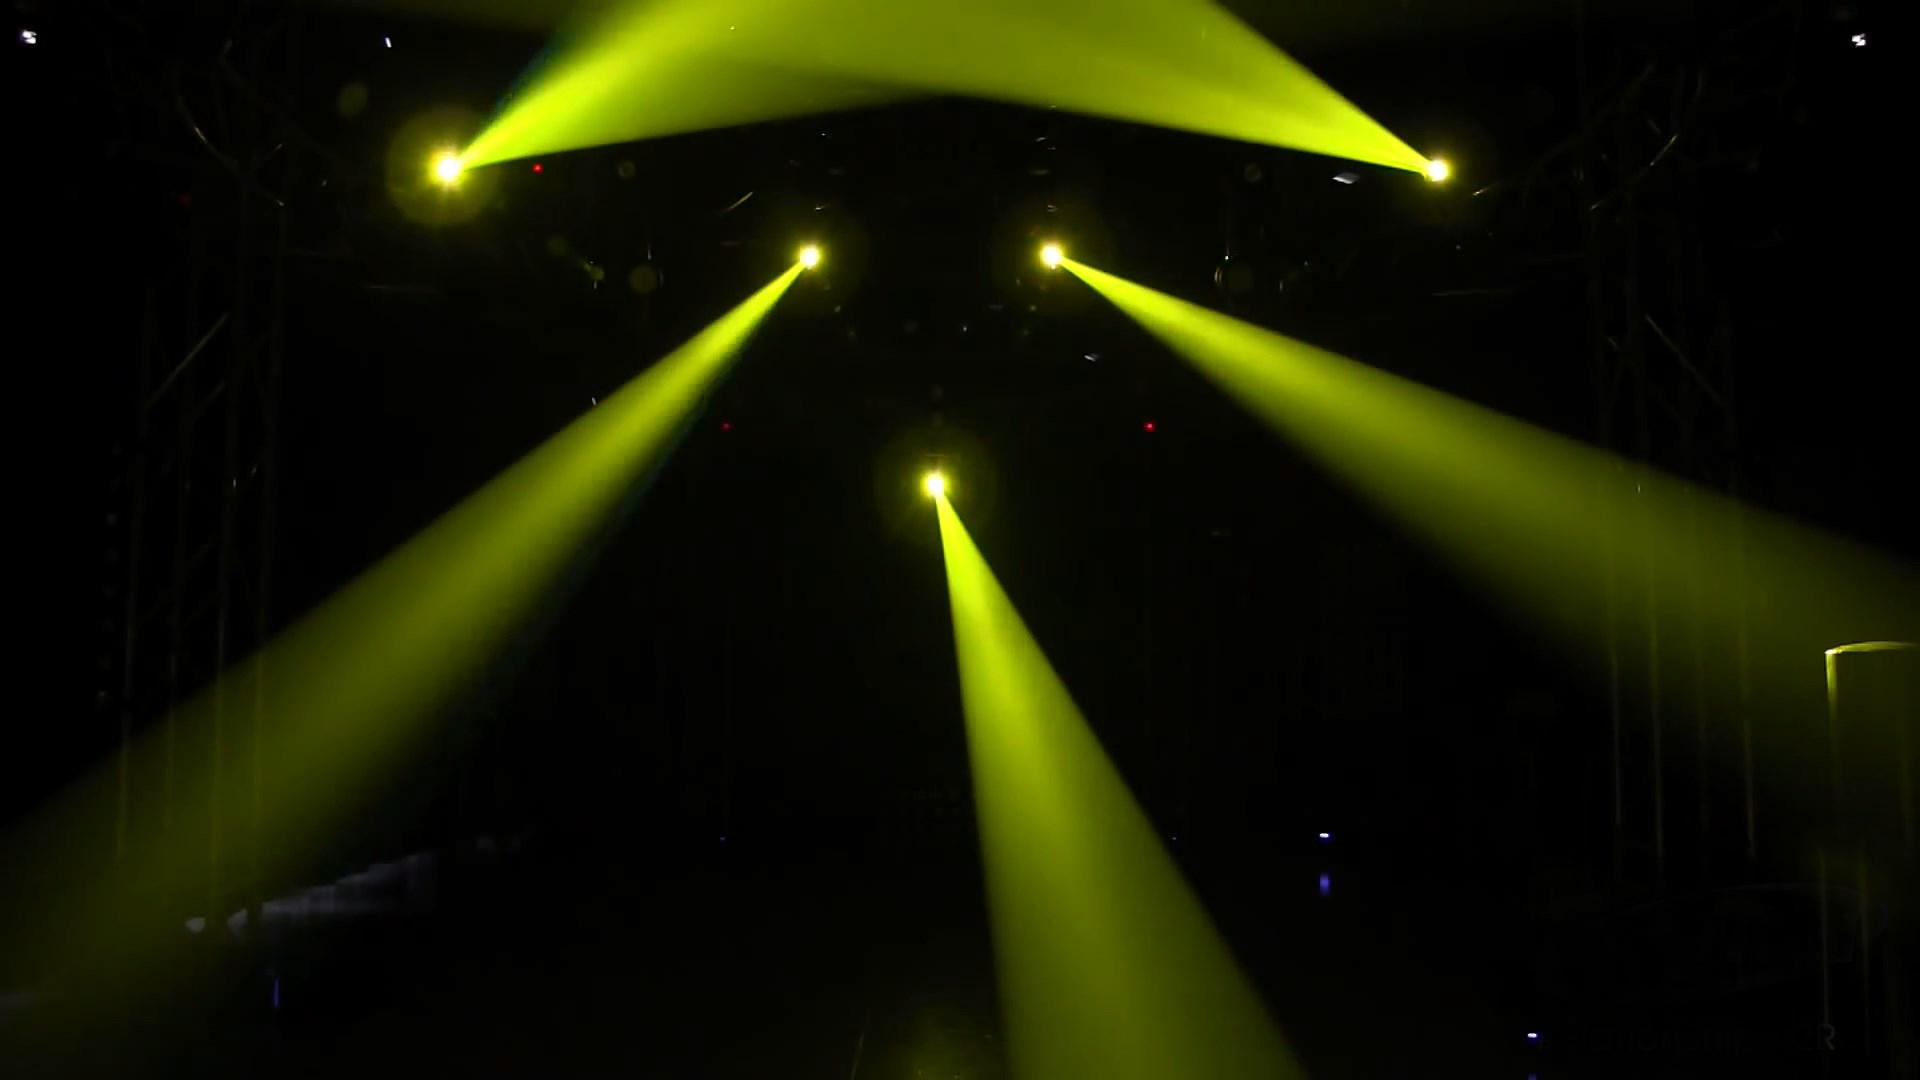 Đèn 4 trong 1 xạ thủ Sniper thay đổi màu sắc trên sân khấu